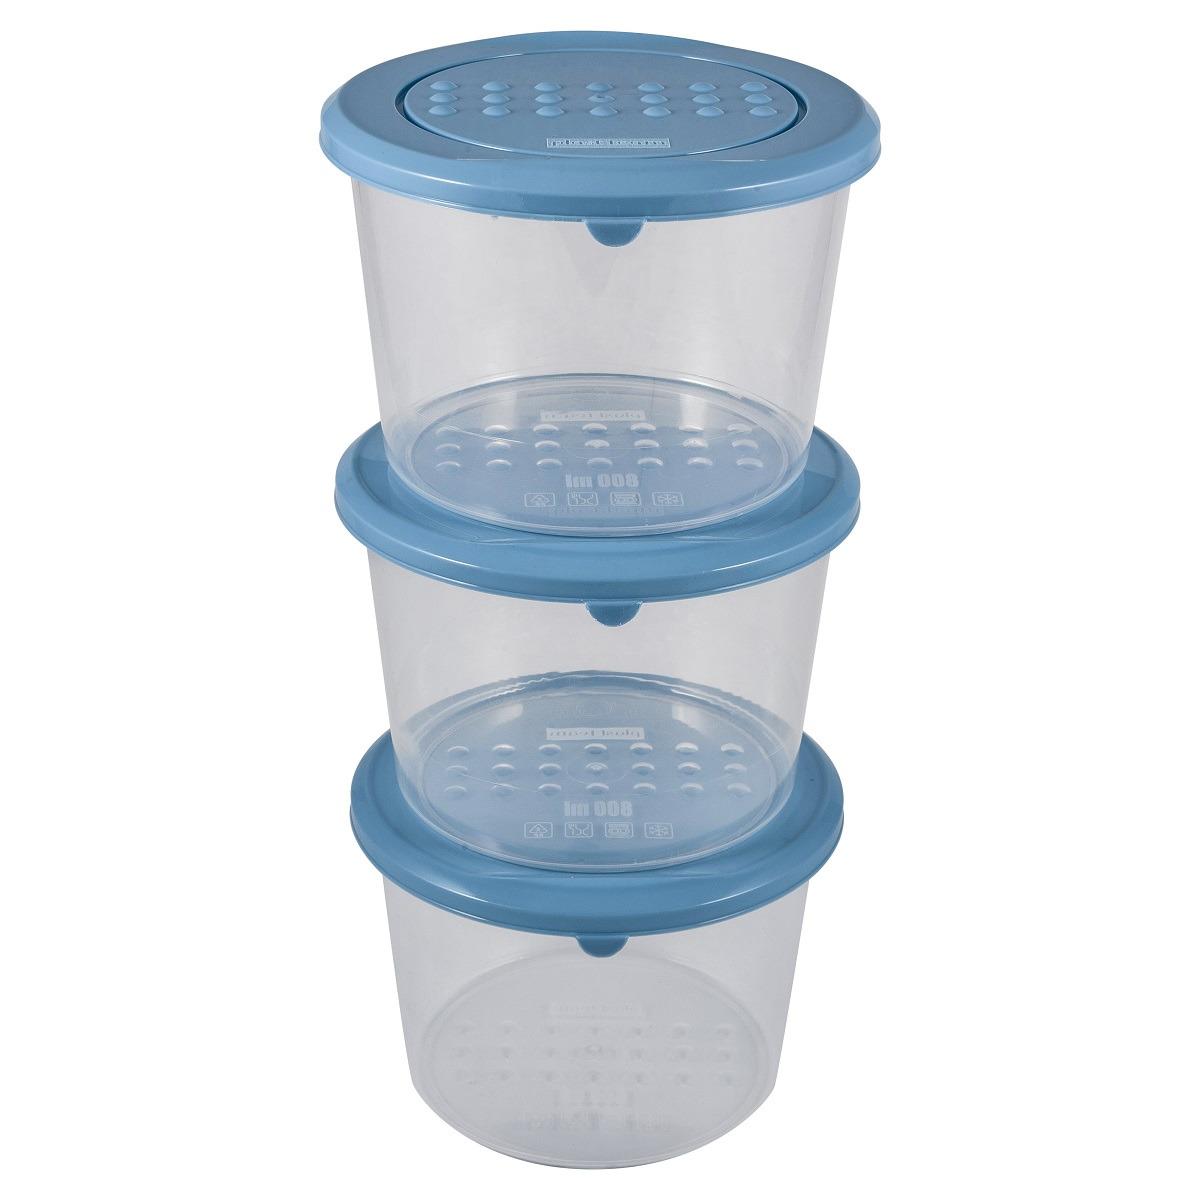 Набор емкостей для продуктов Plast Team Pattern, PT9853-12, туманно-голубой, 800 мл, 3 шт